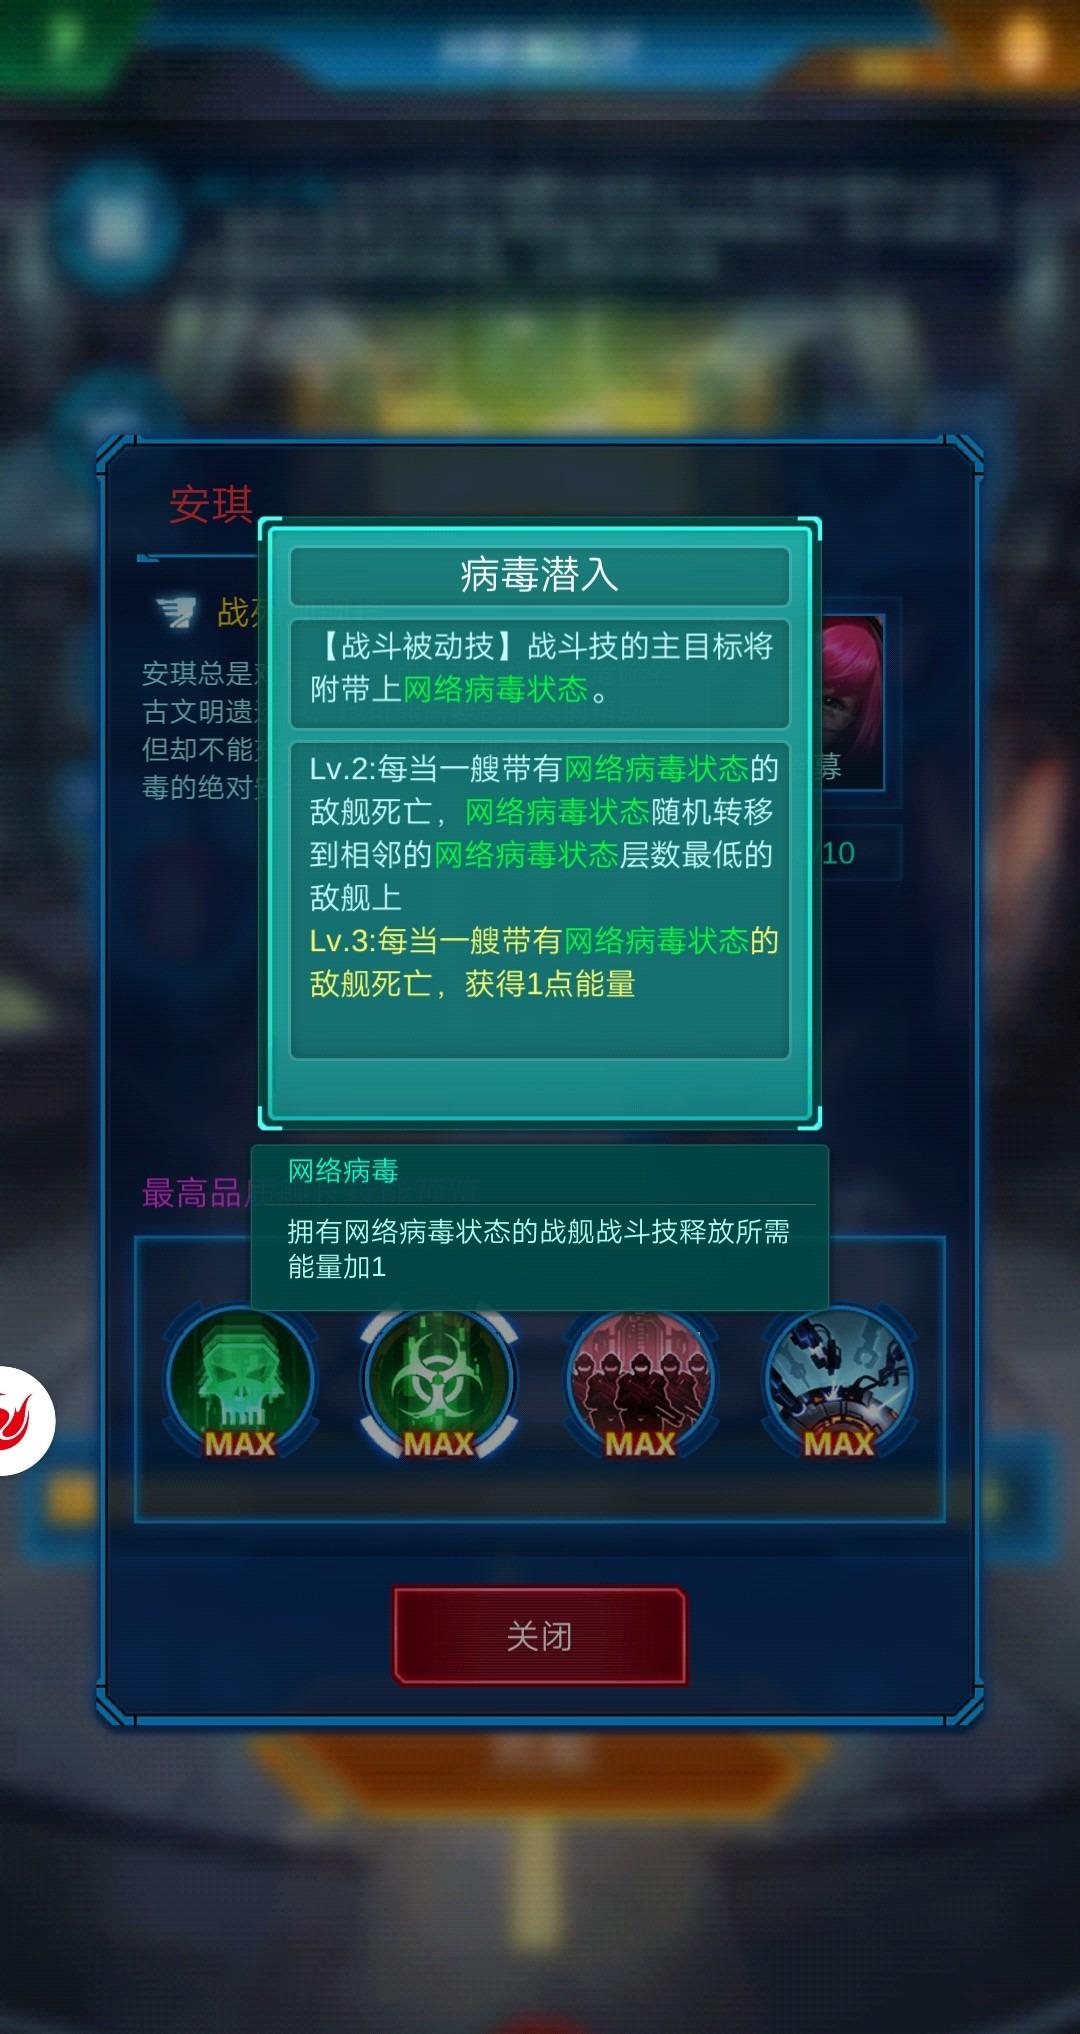 Screenshot_2020_0601_231514.jpg